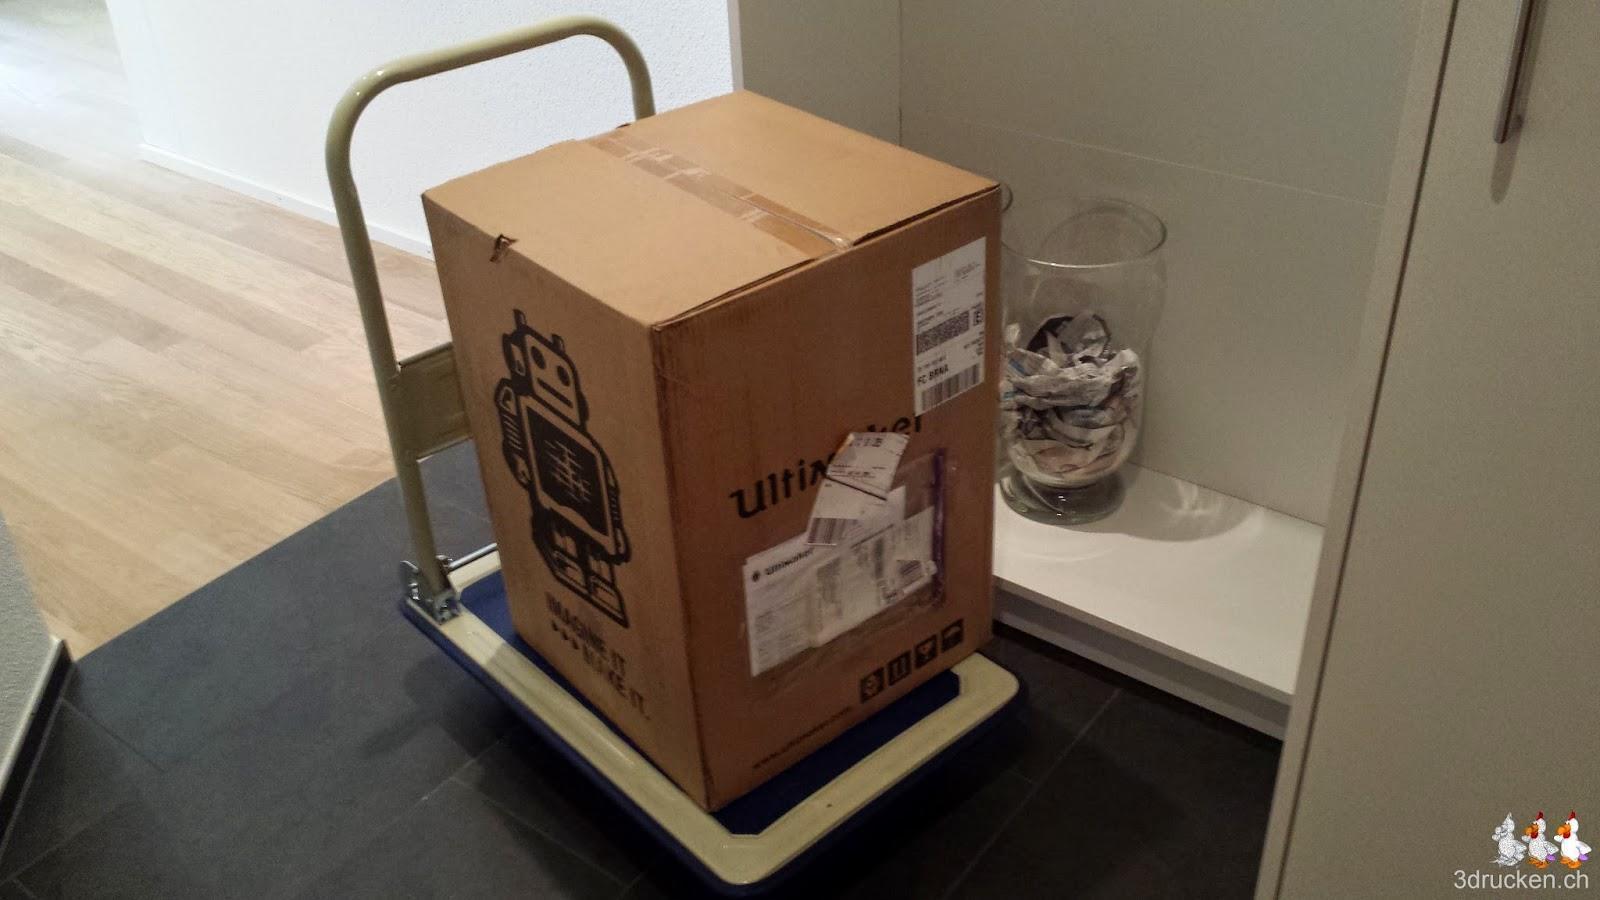 Foto des Kartons mit dem Ultimaker 2 drin auf unserem praktischen Handwagen